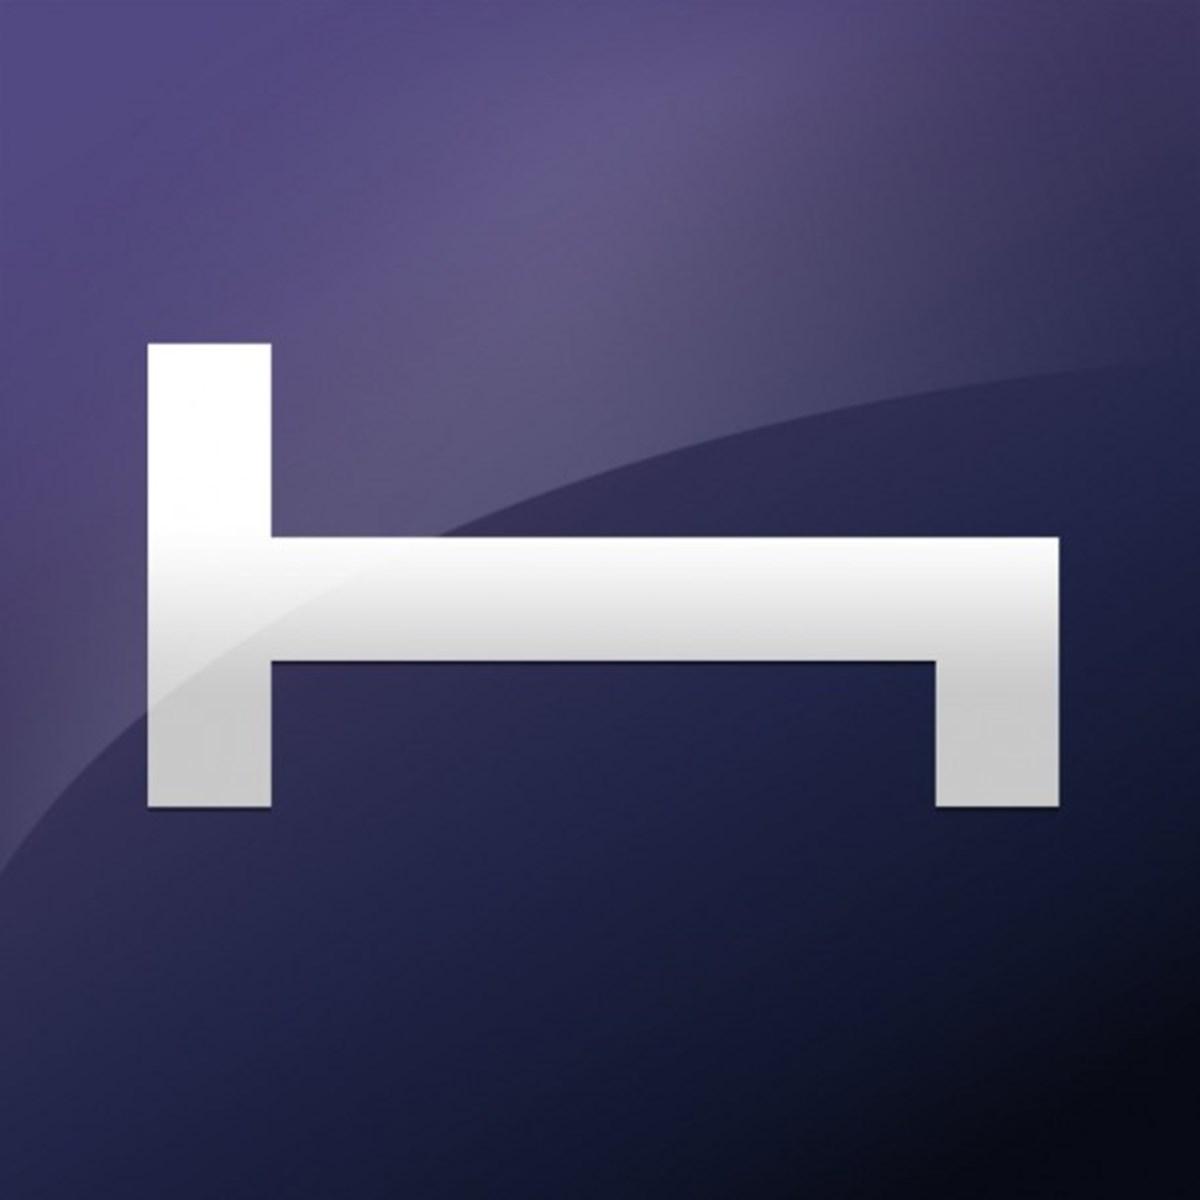 1632754218 914 Volvo logosunu degistirdi Iste logosunu degistiren sirketler